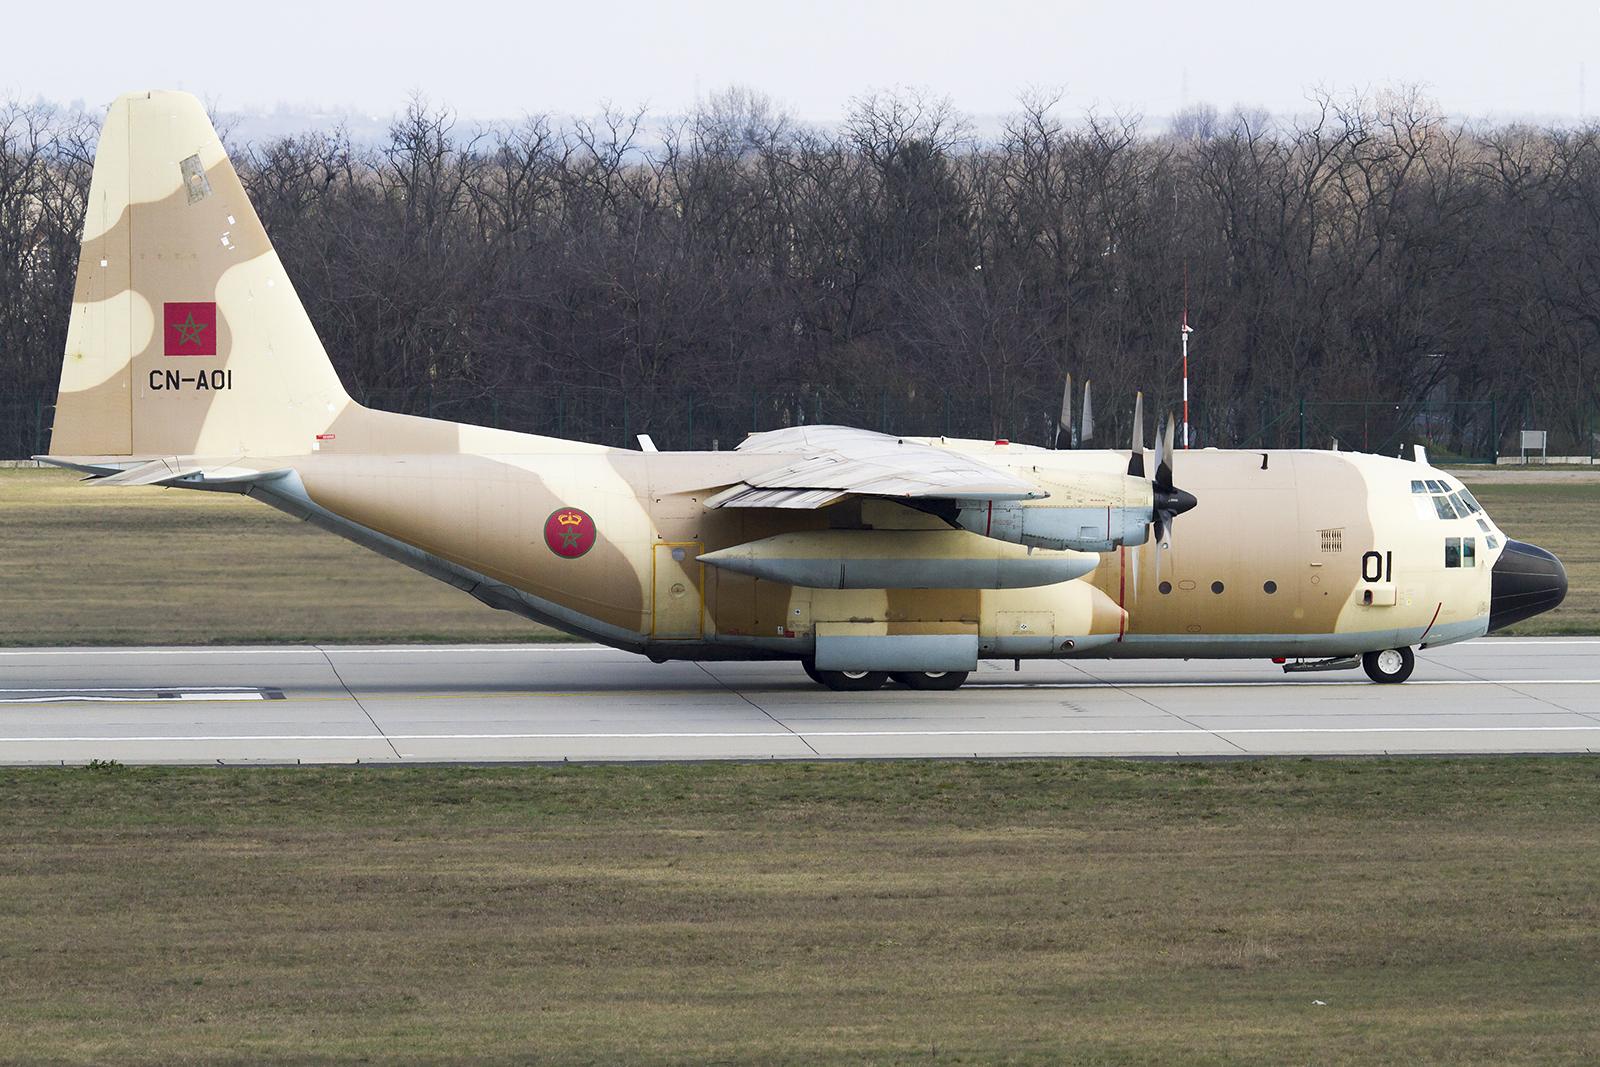 FRA: Photos d'avions de transport - Page 27 25462815174_51e83f7879_o